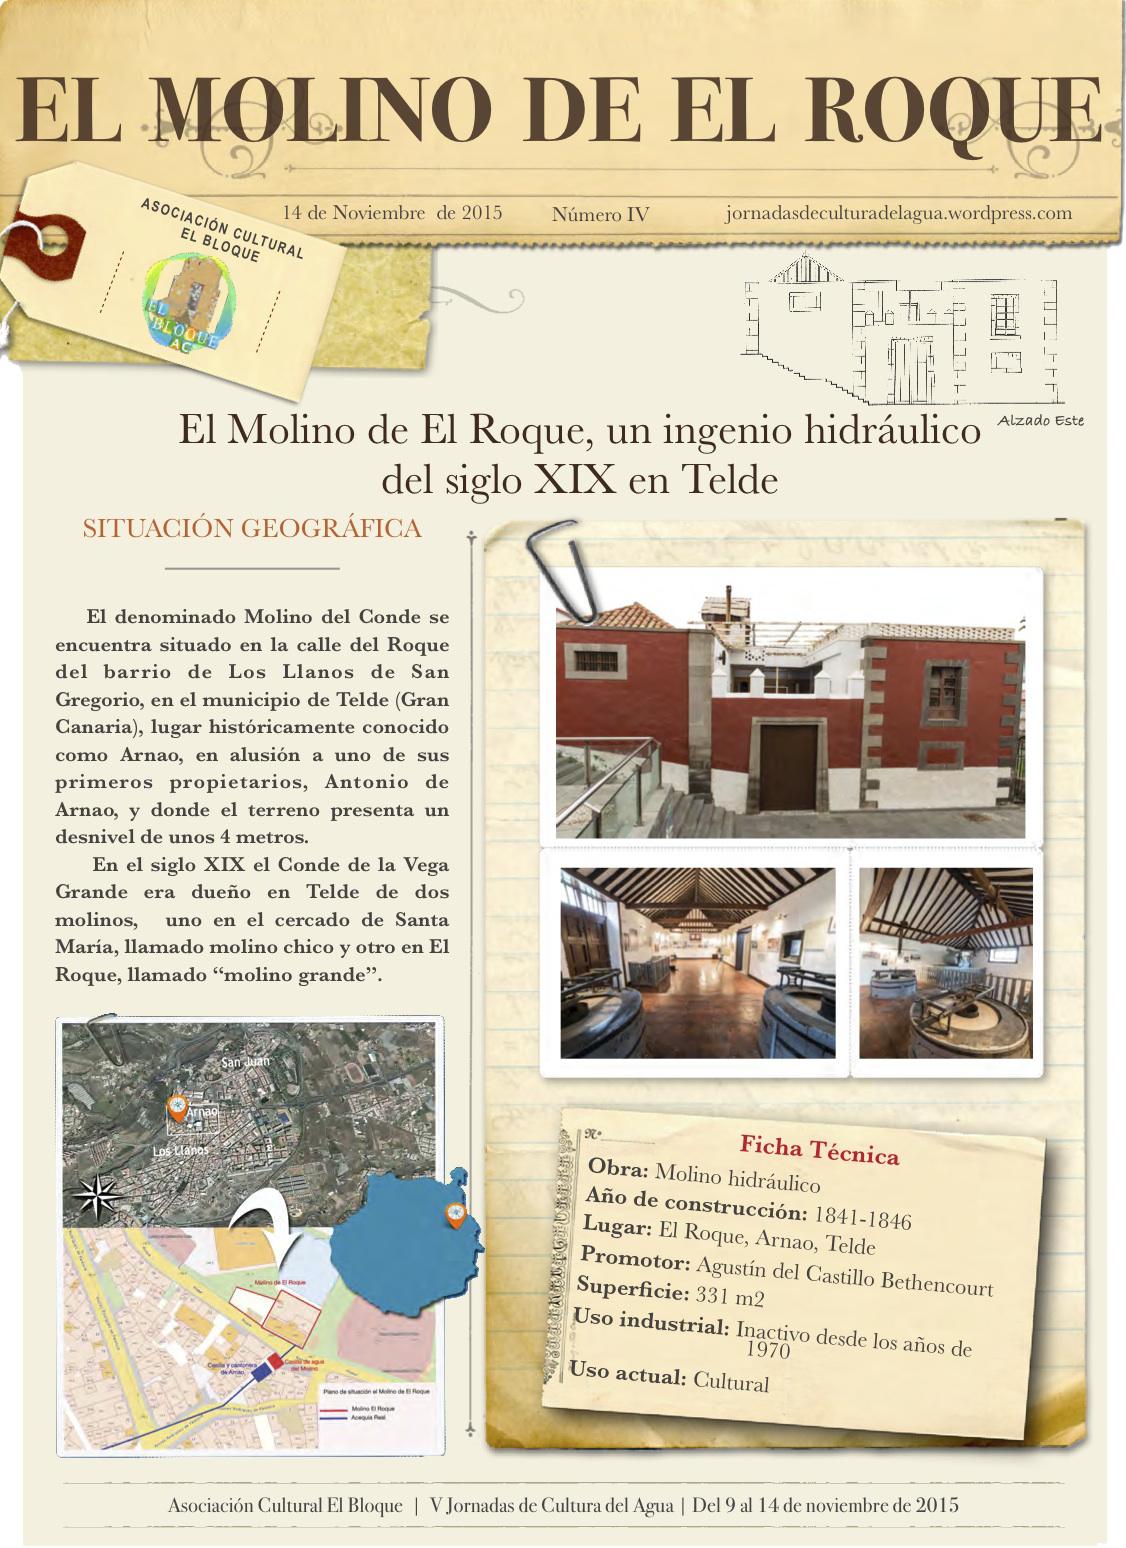 Molino de El Roque. Telde